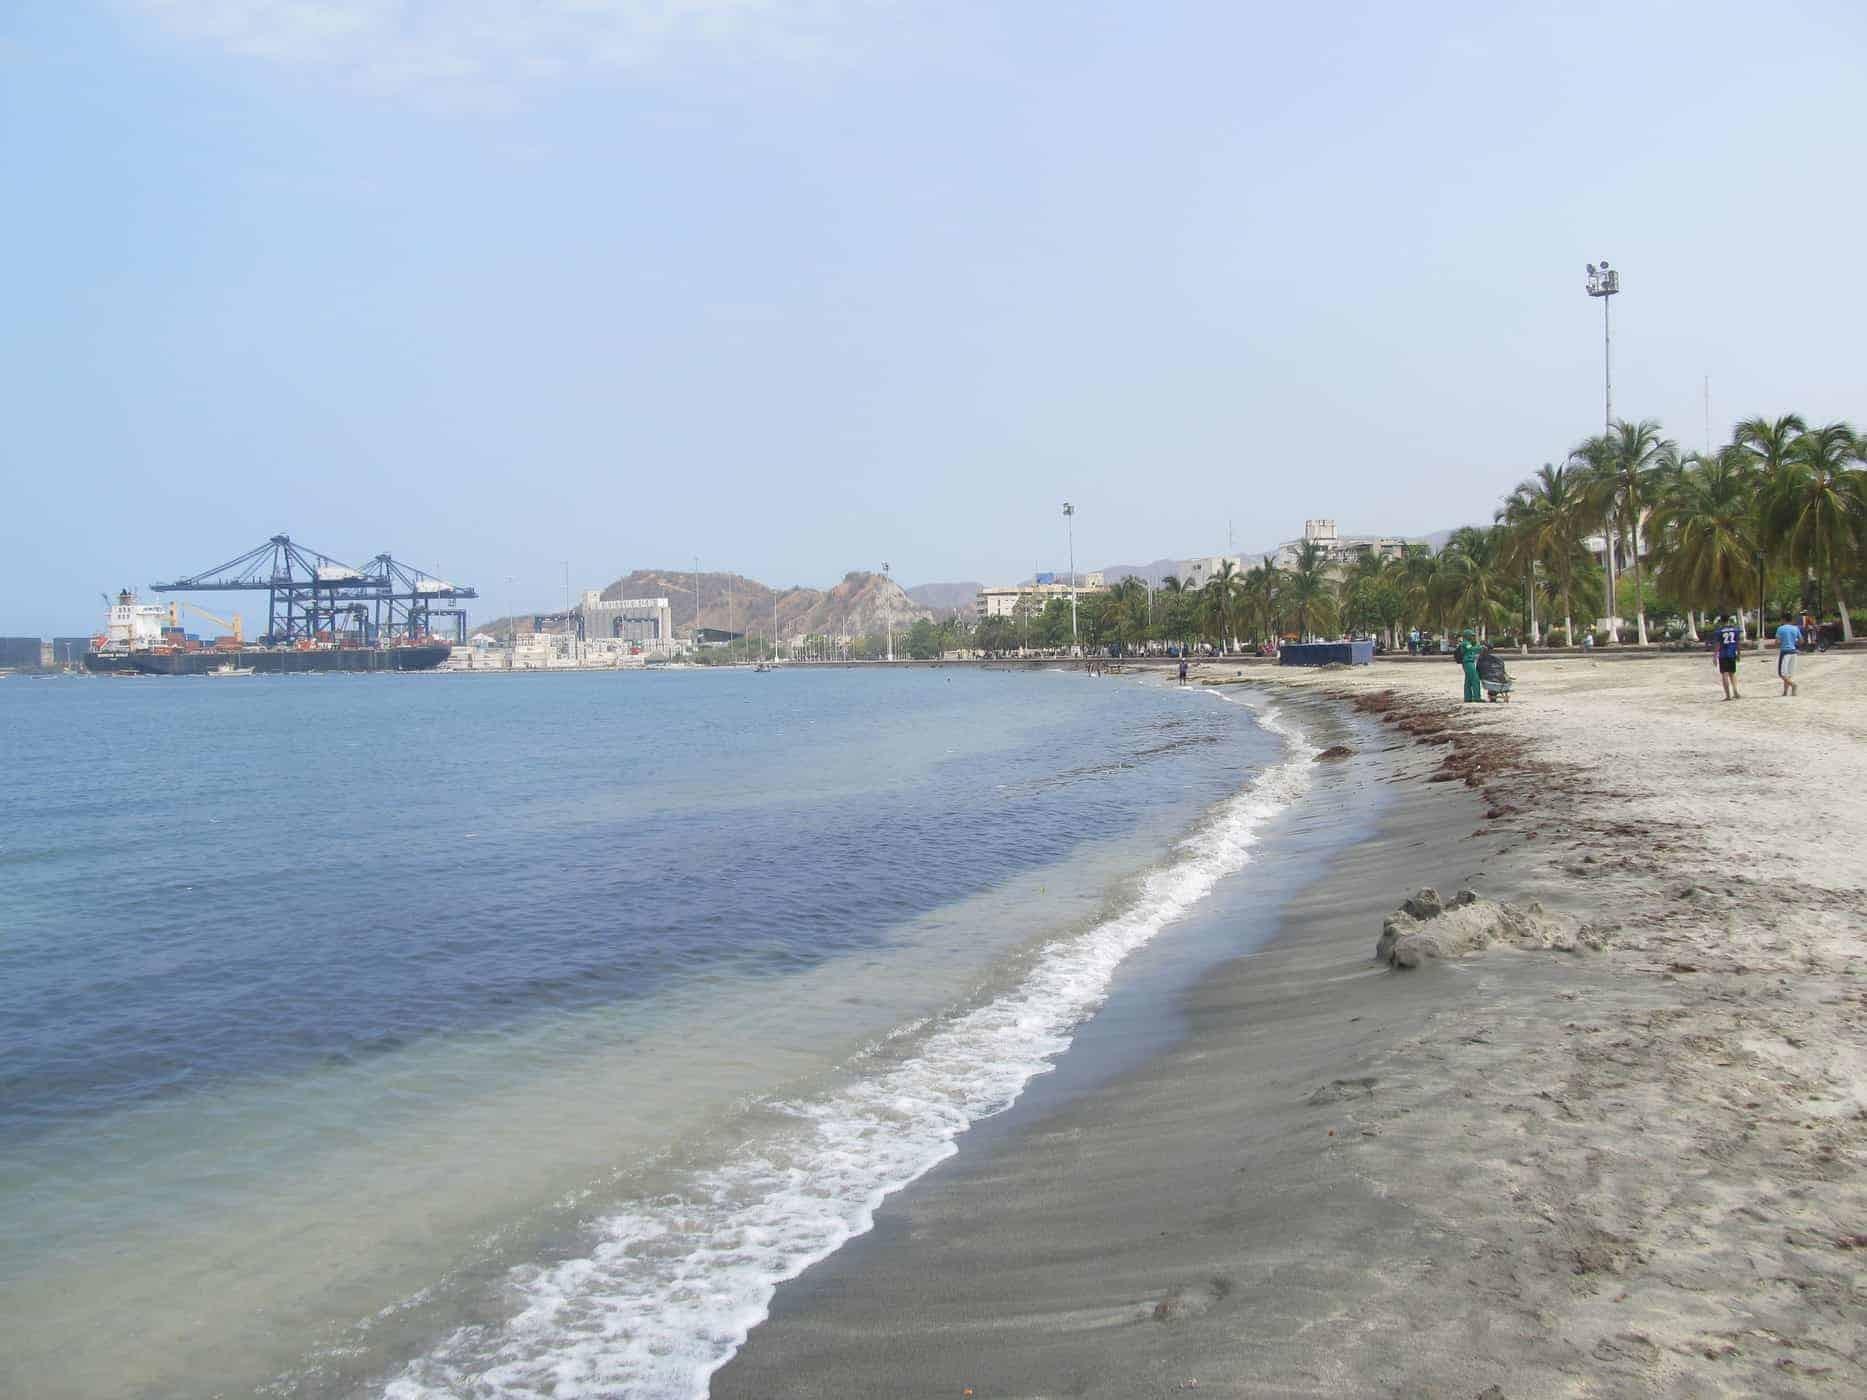 Santa Marta, Colombia Beach in the City Centre.